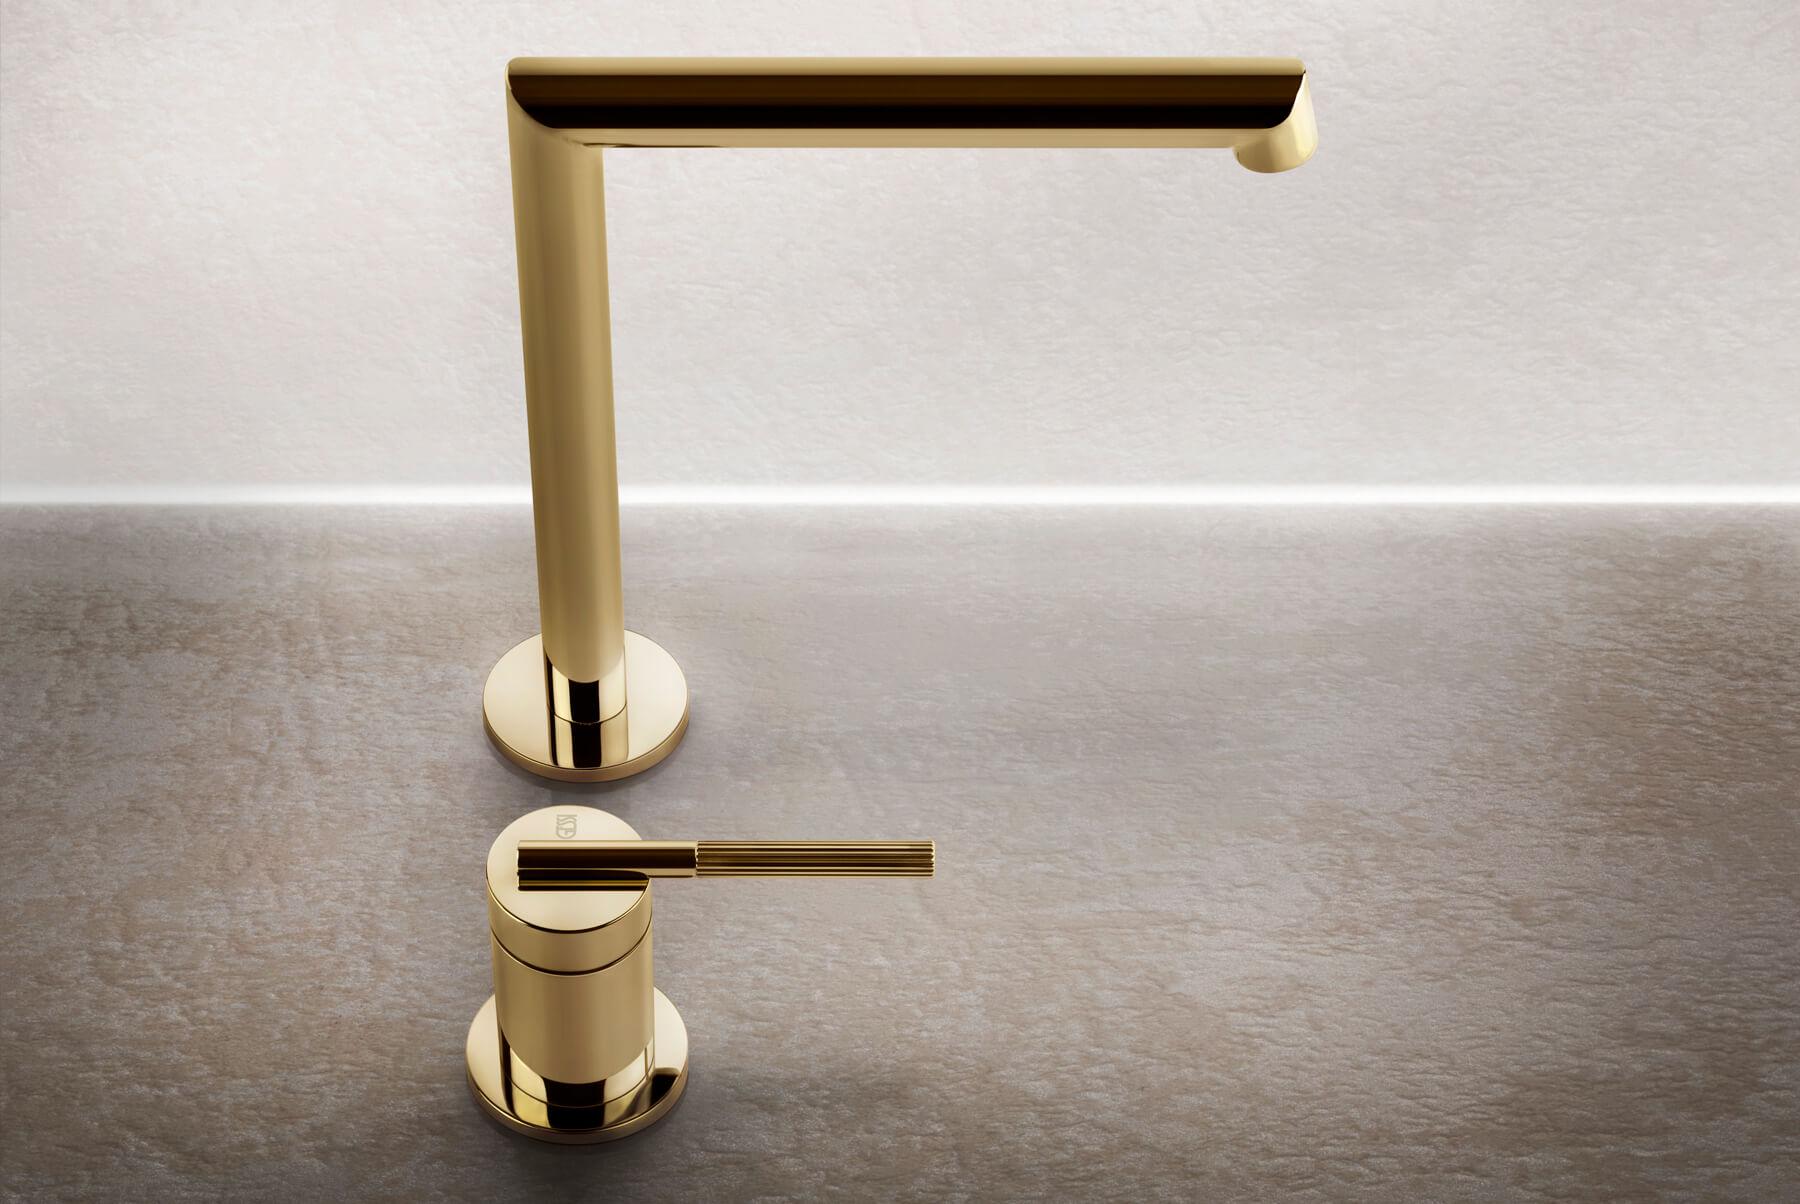 Brassware-GESSI-Ingranaggio-inset-1-1800x1204